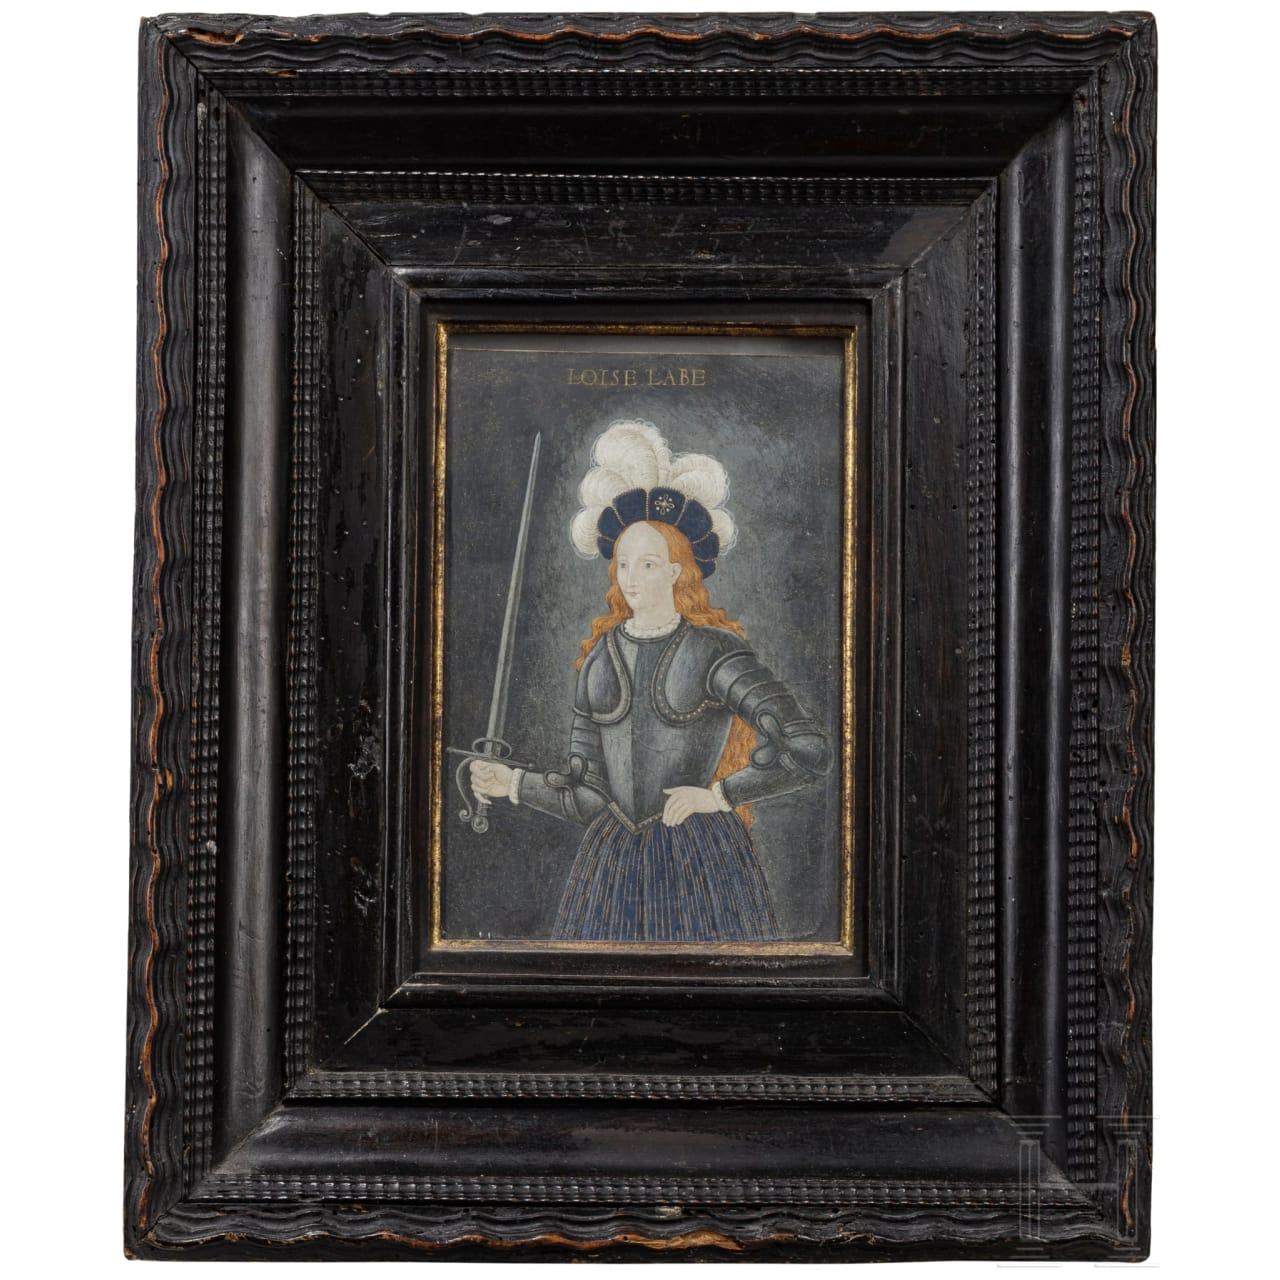 Portrait der Louise Labé (1524-66), Frankreich, 16. Jhdt.